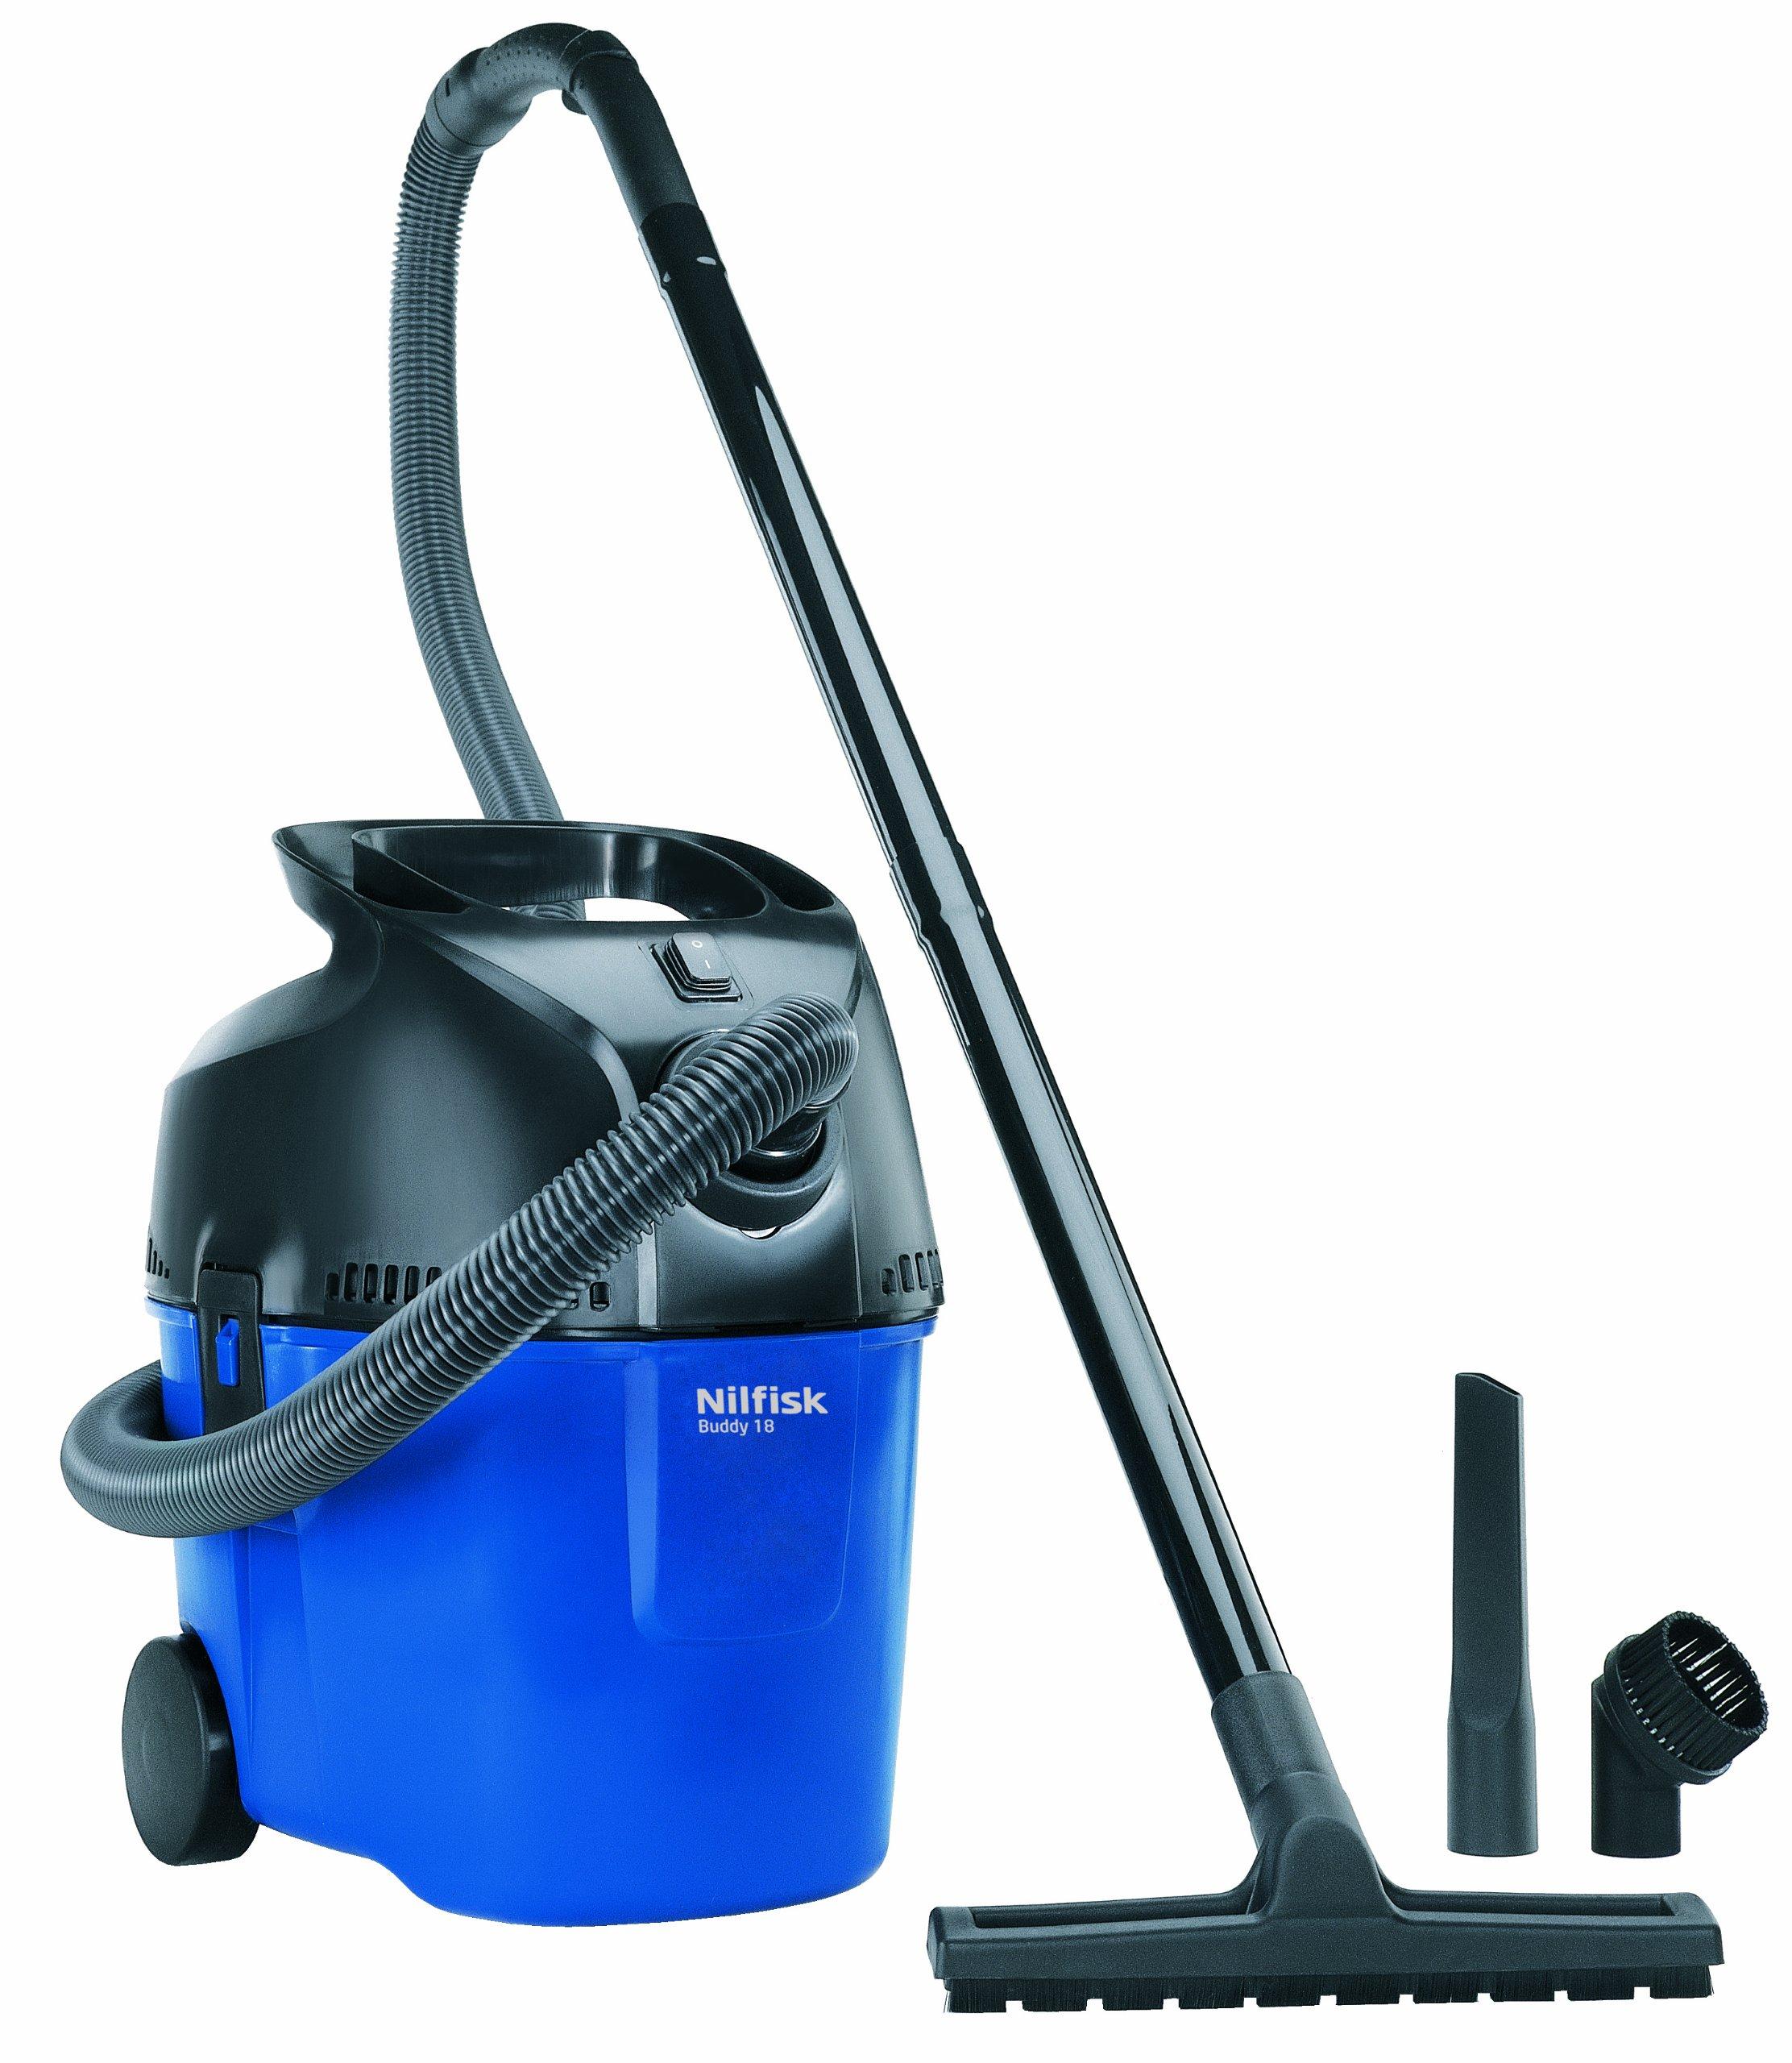 Nilfisk 302002317 Buddy 18 - Aspiradora con sistema de limpieza por agua y en seco, color azul: Amazon.es: Hogar